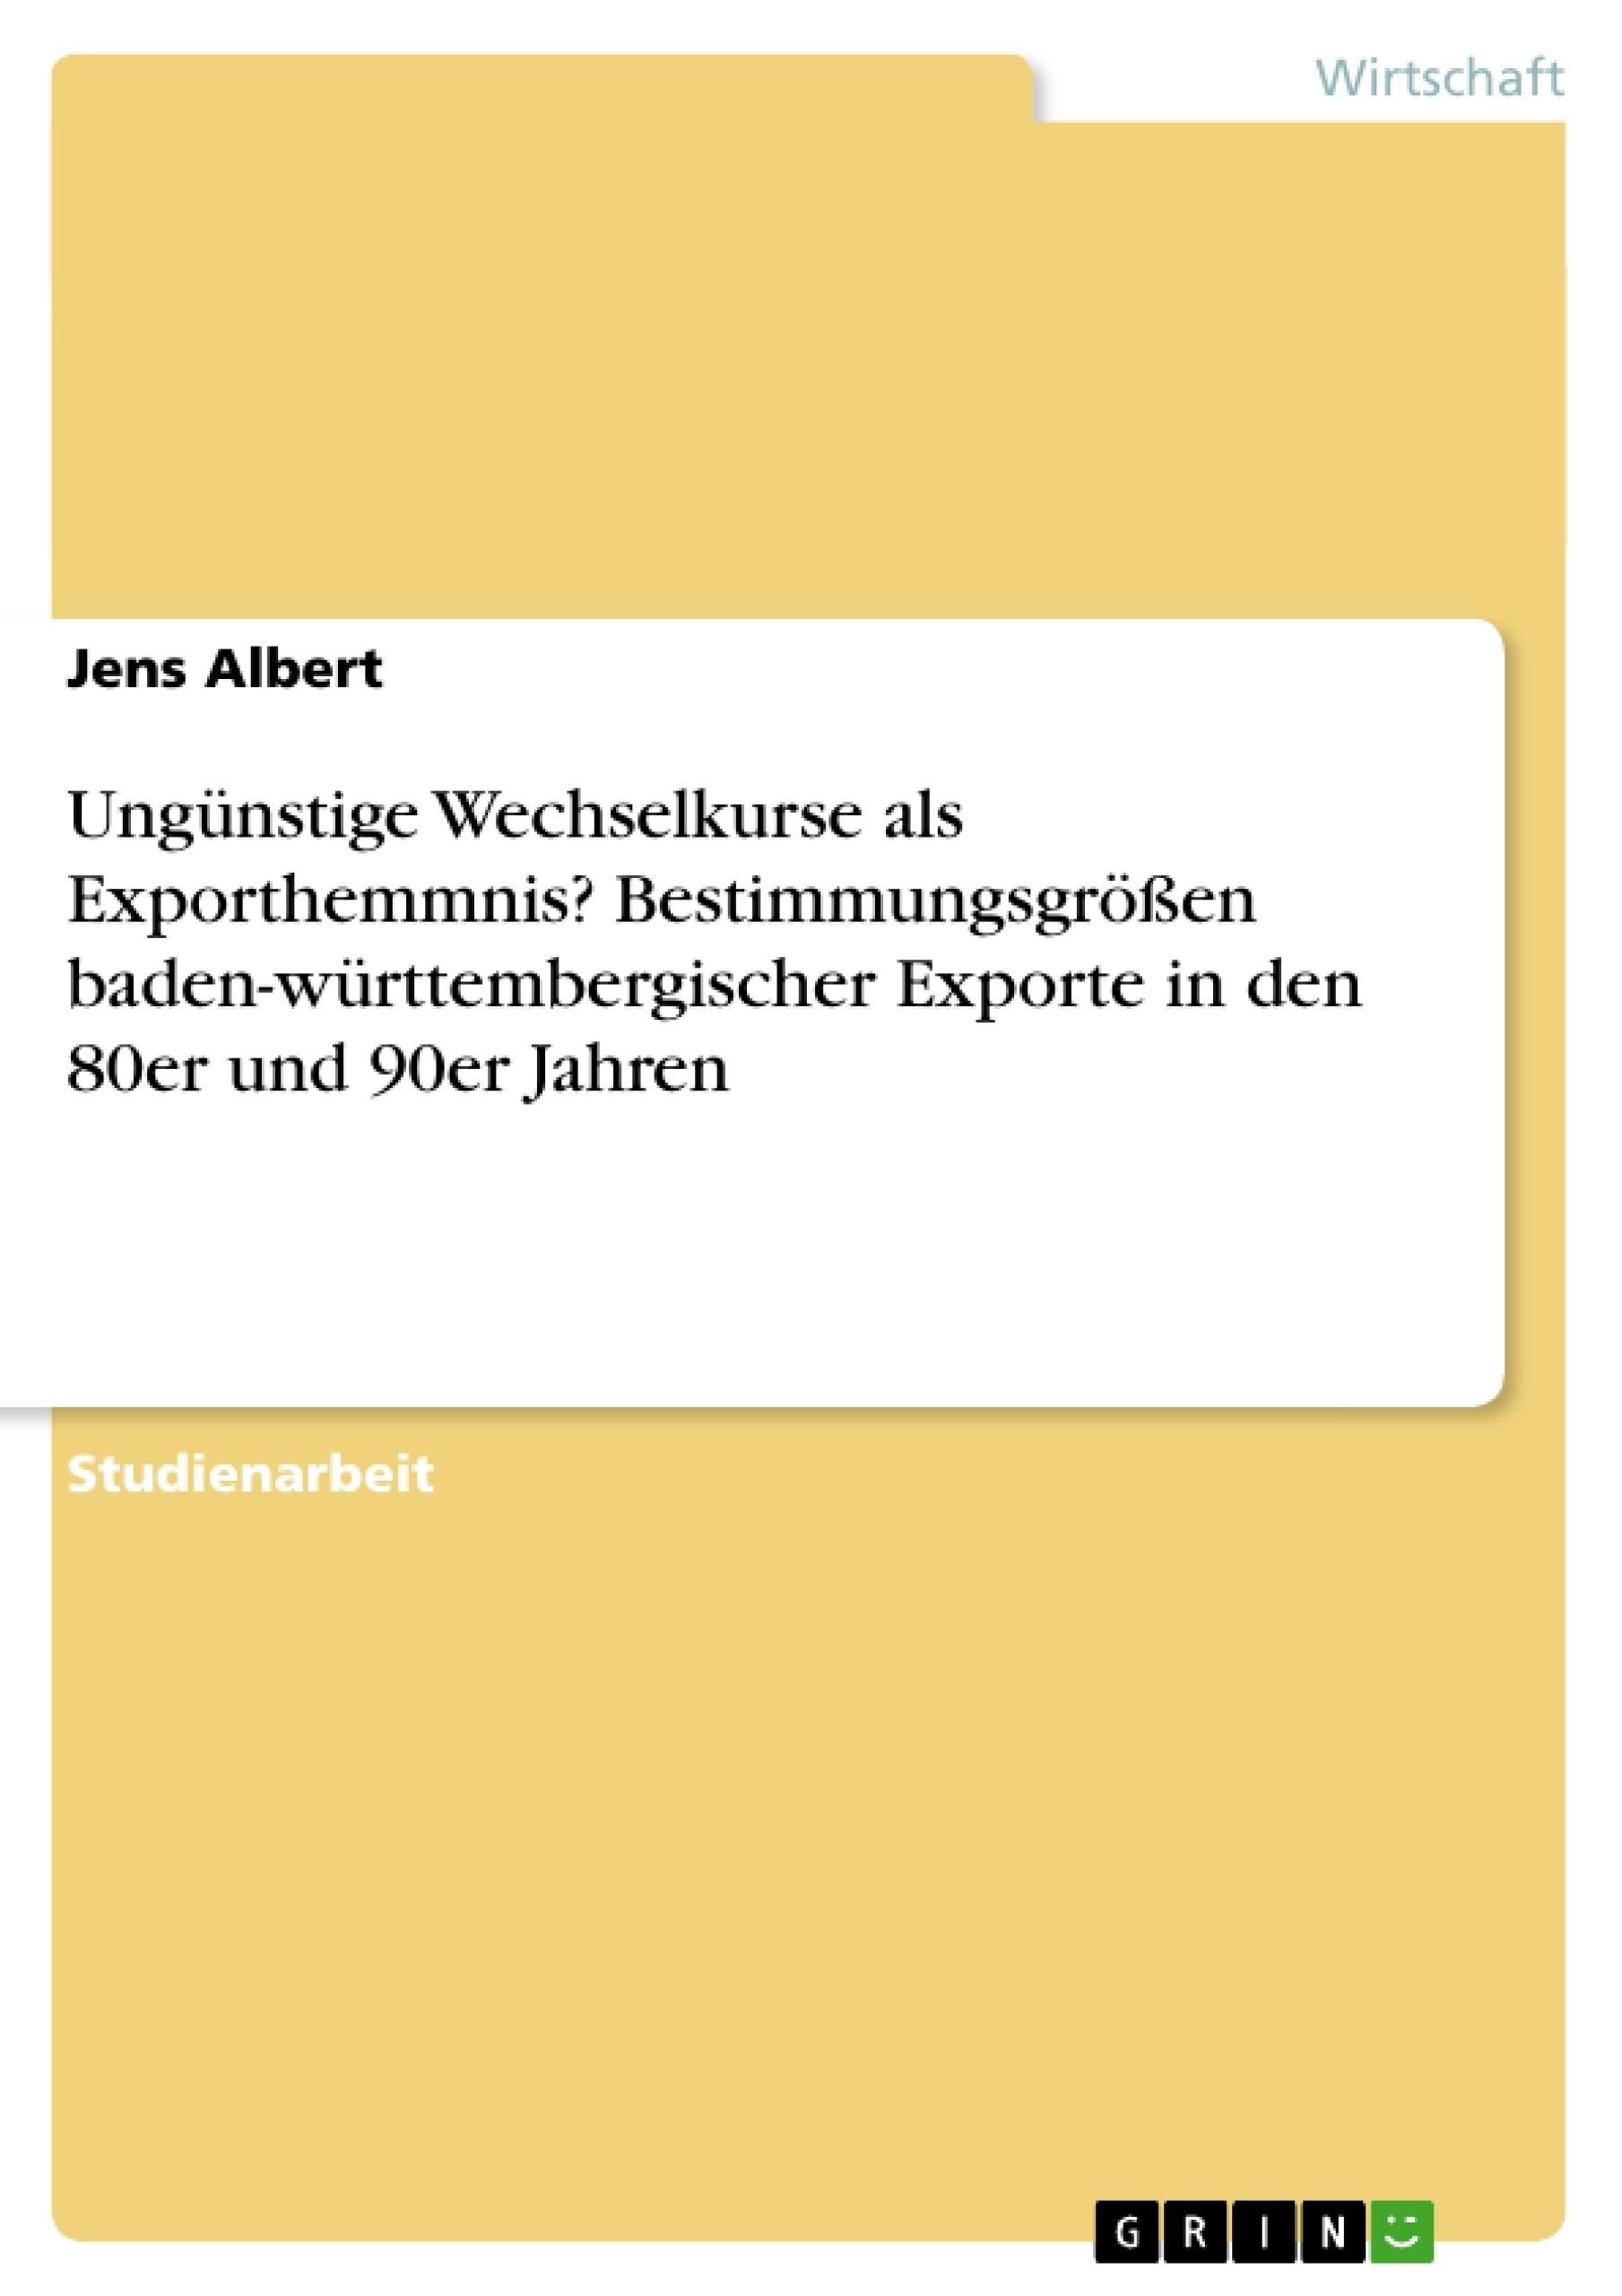 Titel: Ungünstige Wechselkurse als Exporthemmnis? Bestimmungsgrößen baden-württembergischer Exporte in den 80er und 90er Jahren